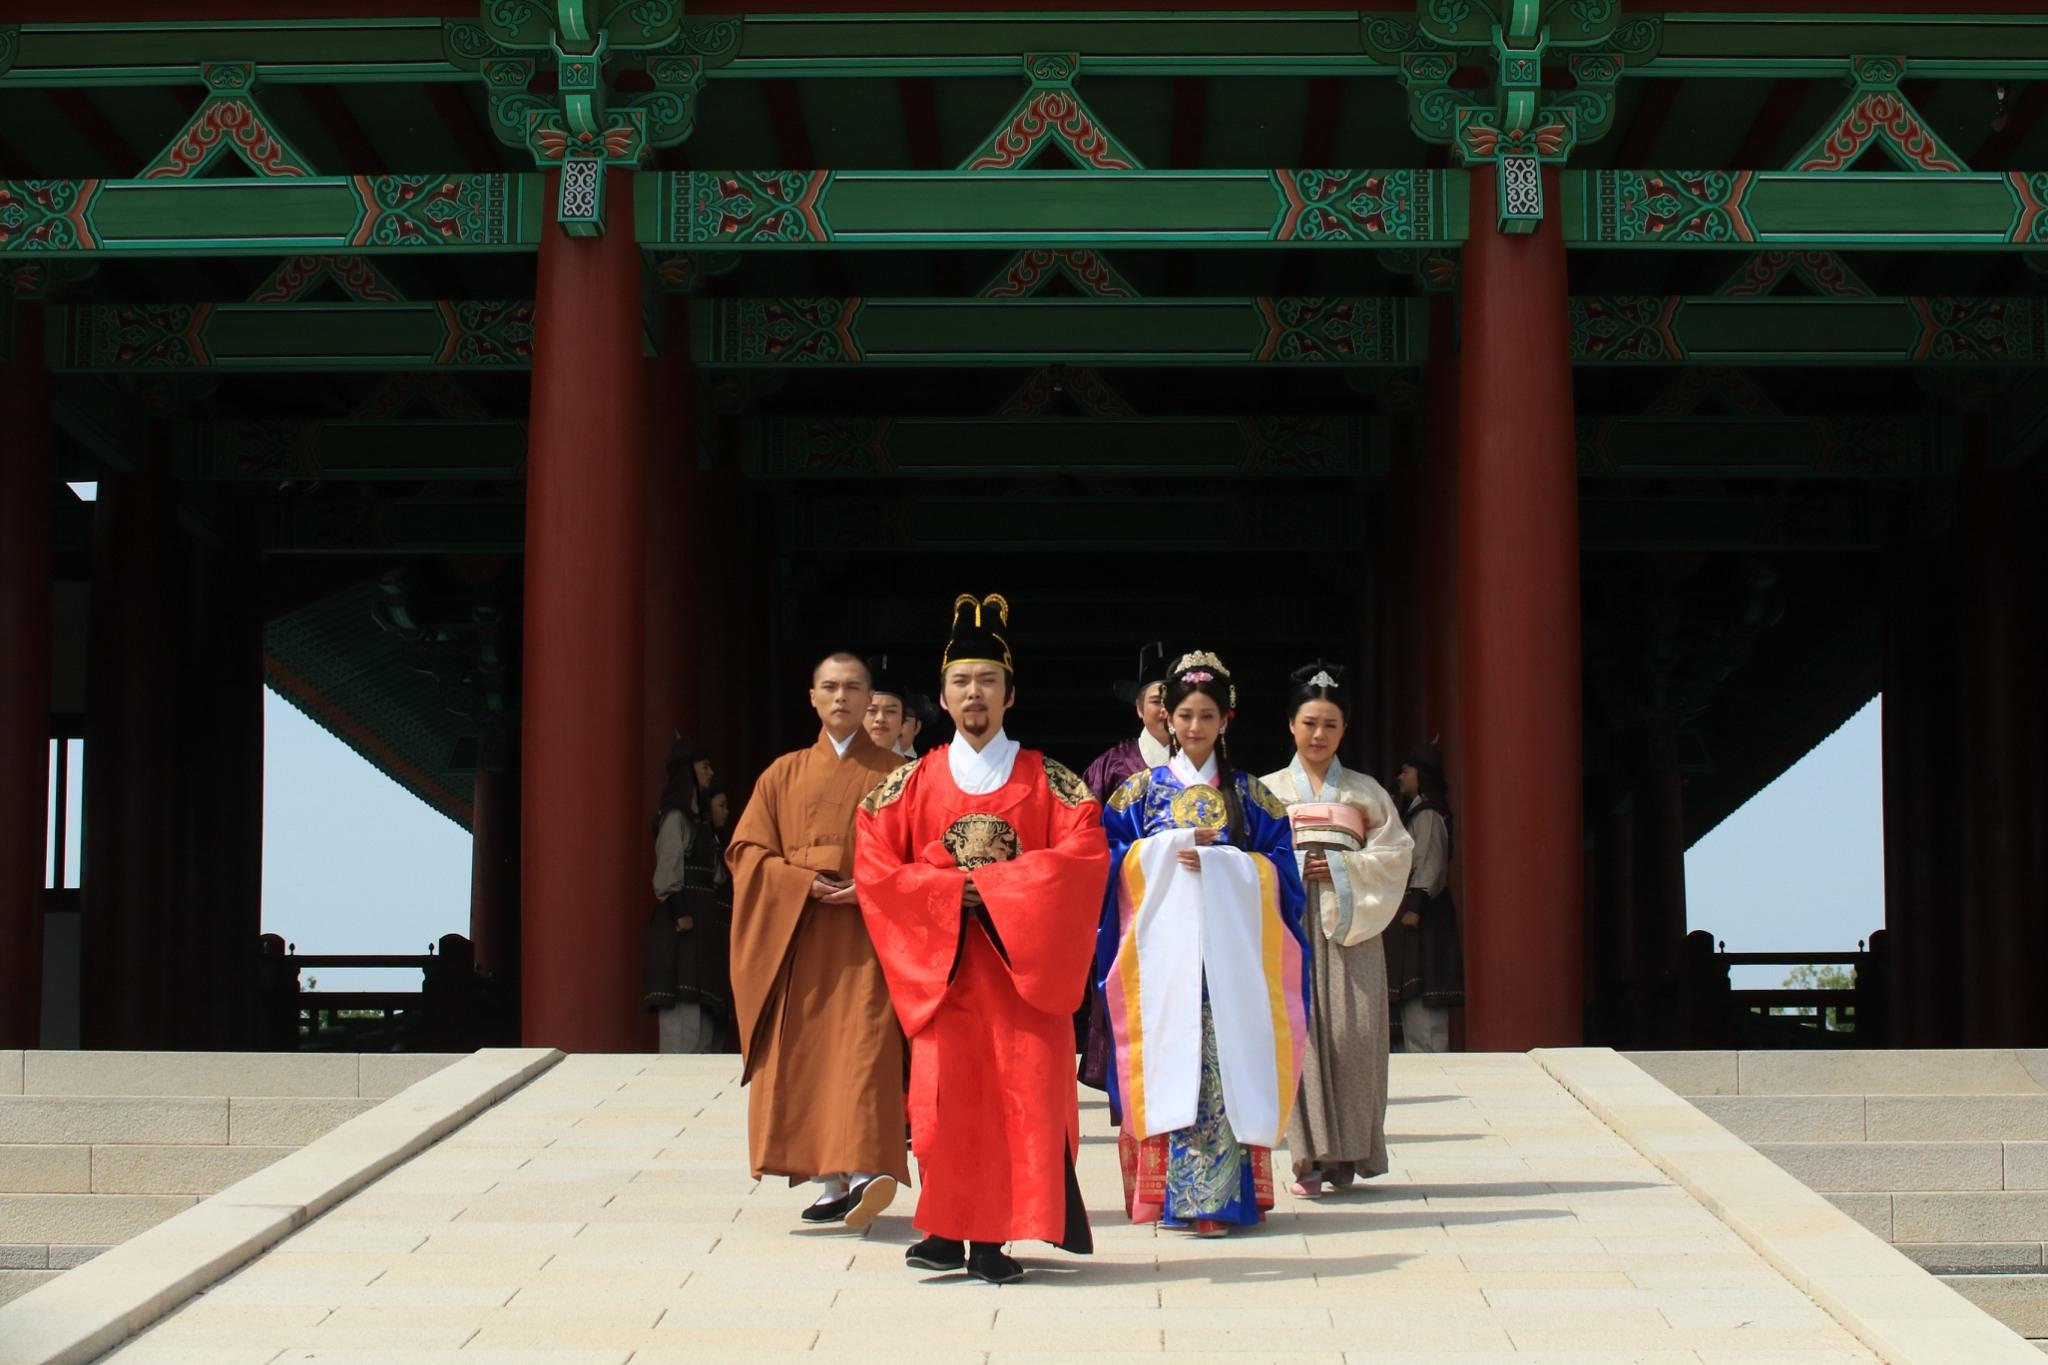 唐美雲飾演元曉大師團隊前往韓國慶州拍攝 大愛電視提供